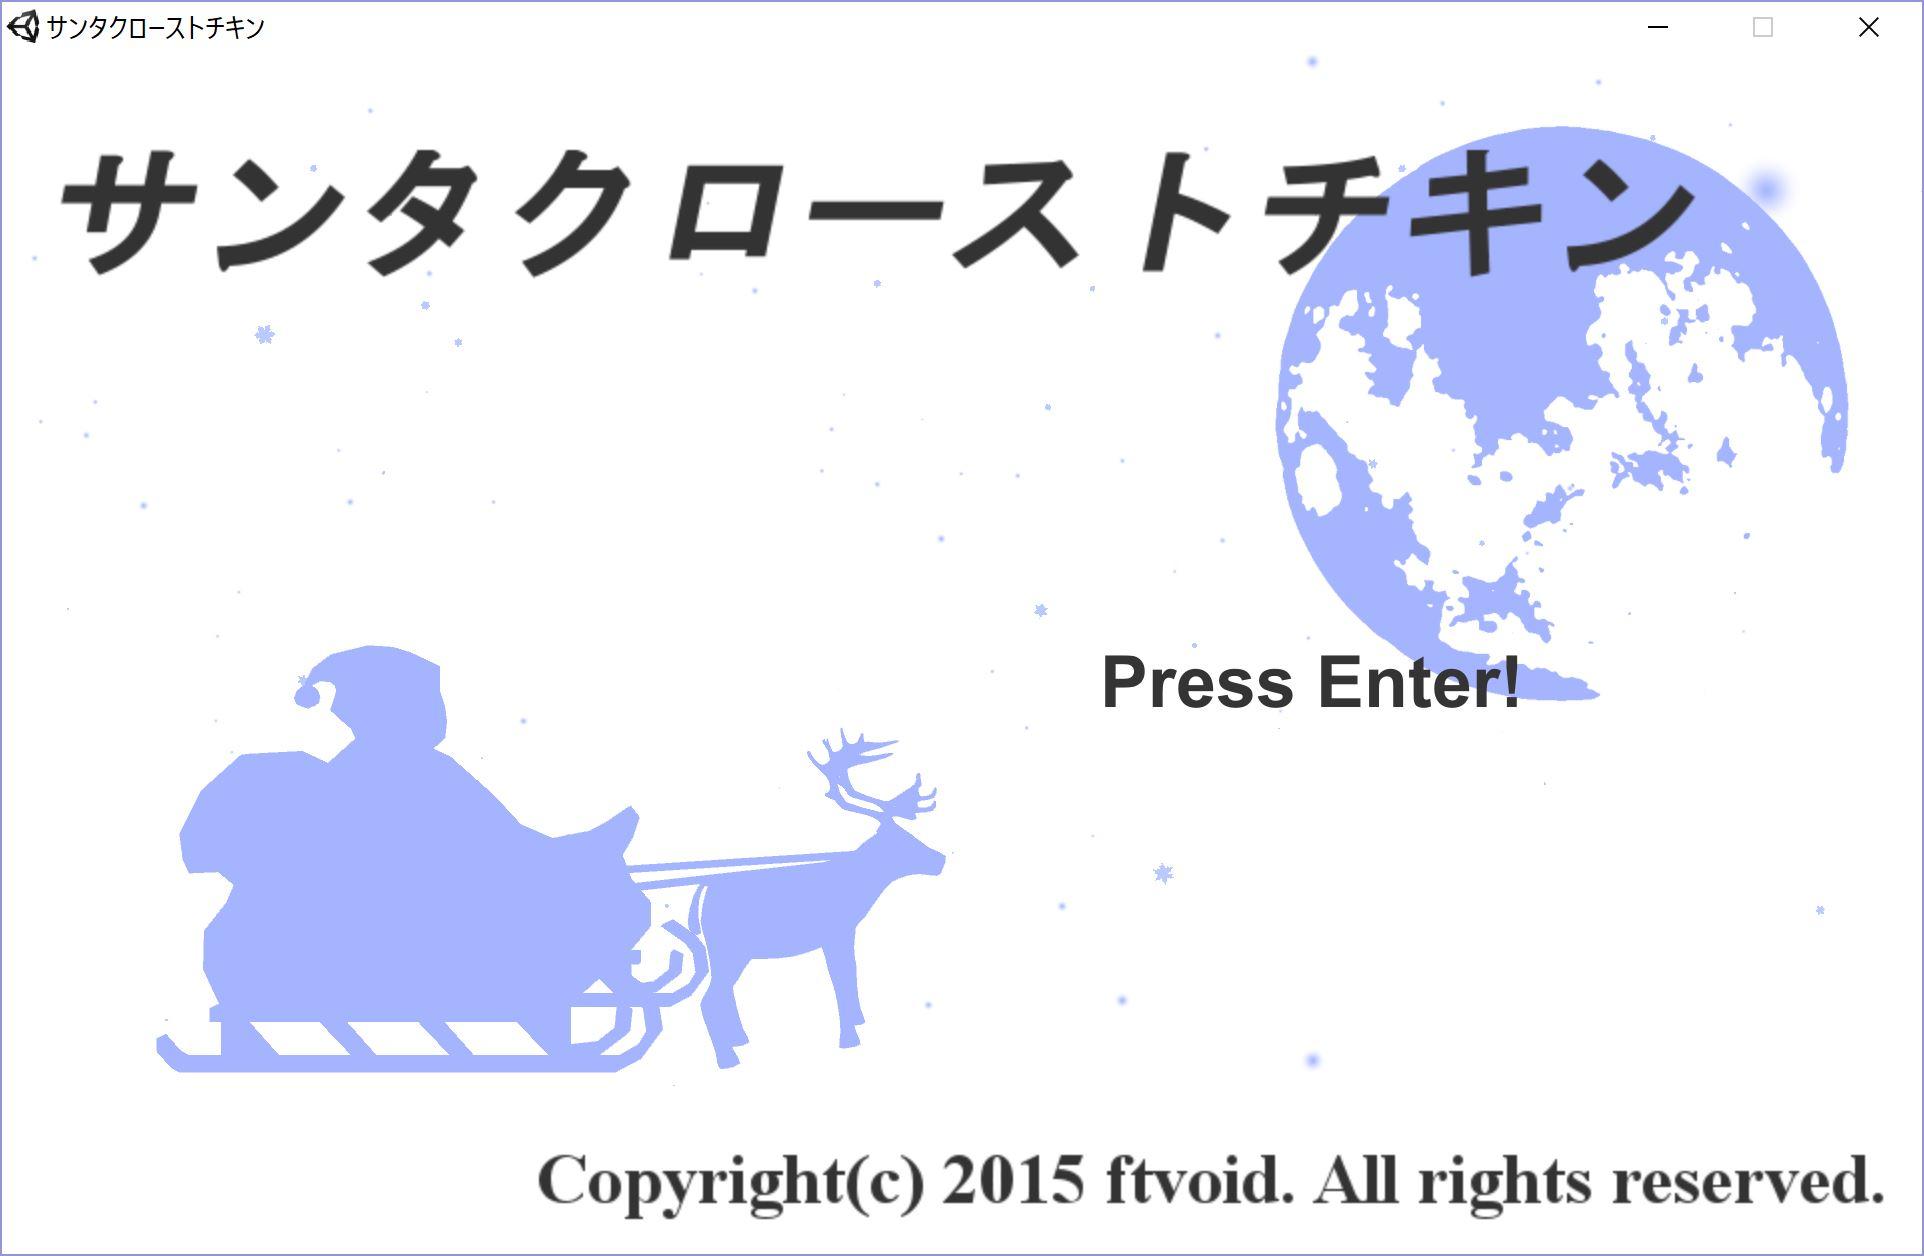 [サンタクローストチキン] Ver1.01公開しました